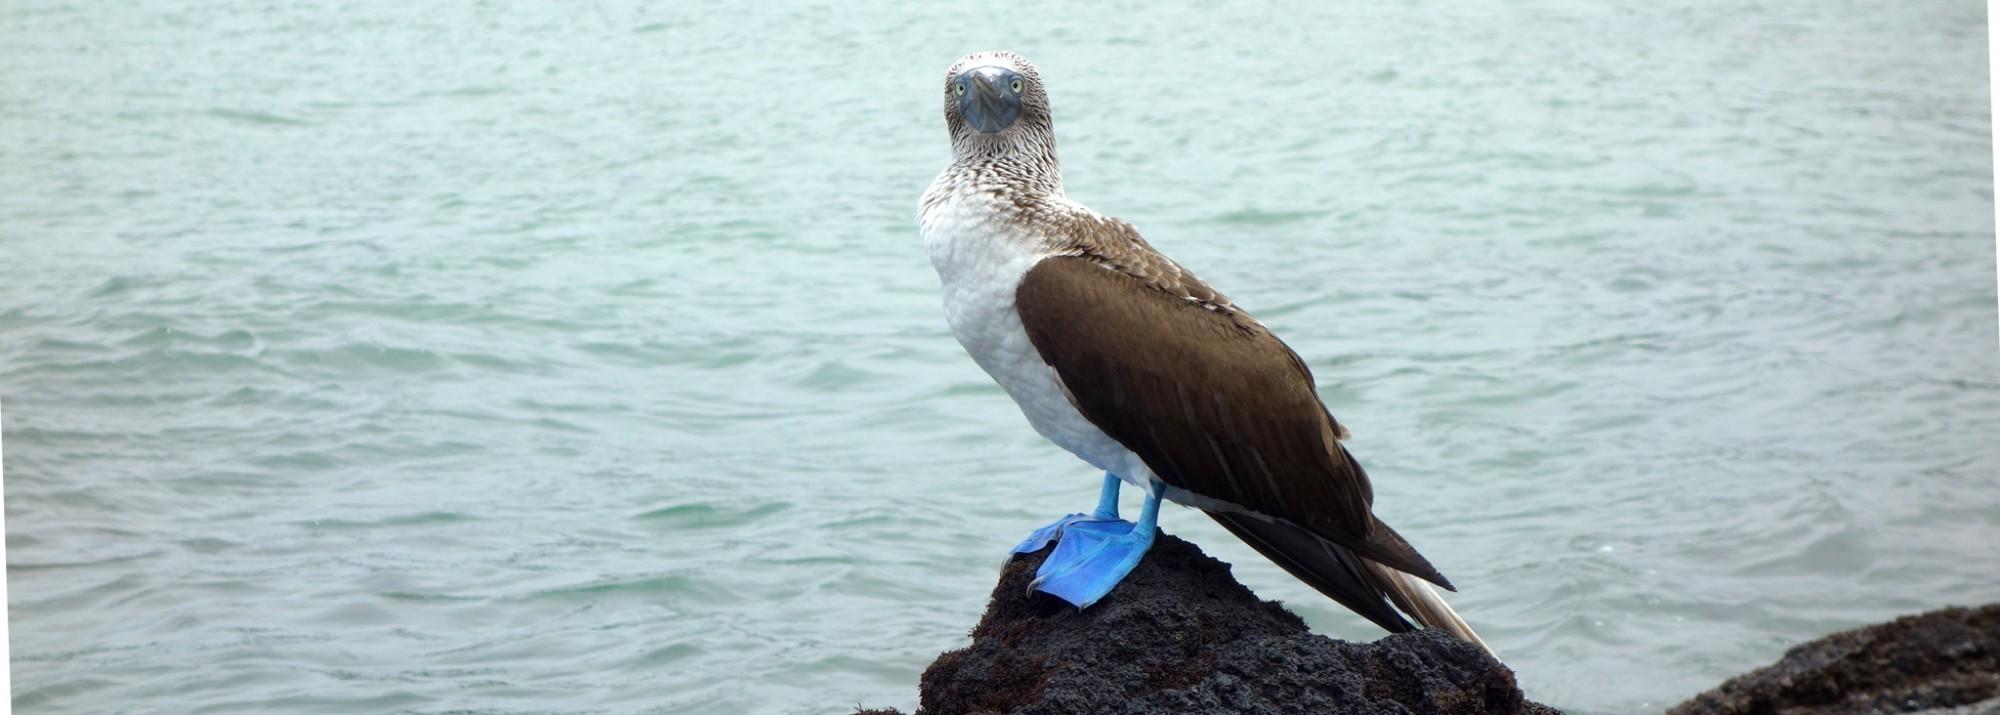 Galápagos, Santa Isabela: Der Bluefooted Boobie (Blaufußtölpel), einer der berühmtesten Einwohner der Galápagos-Inseln